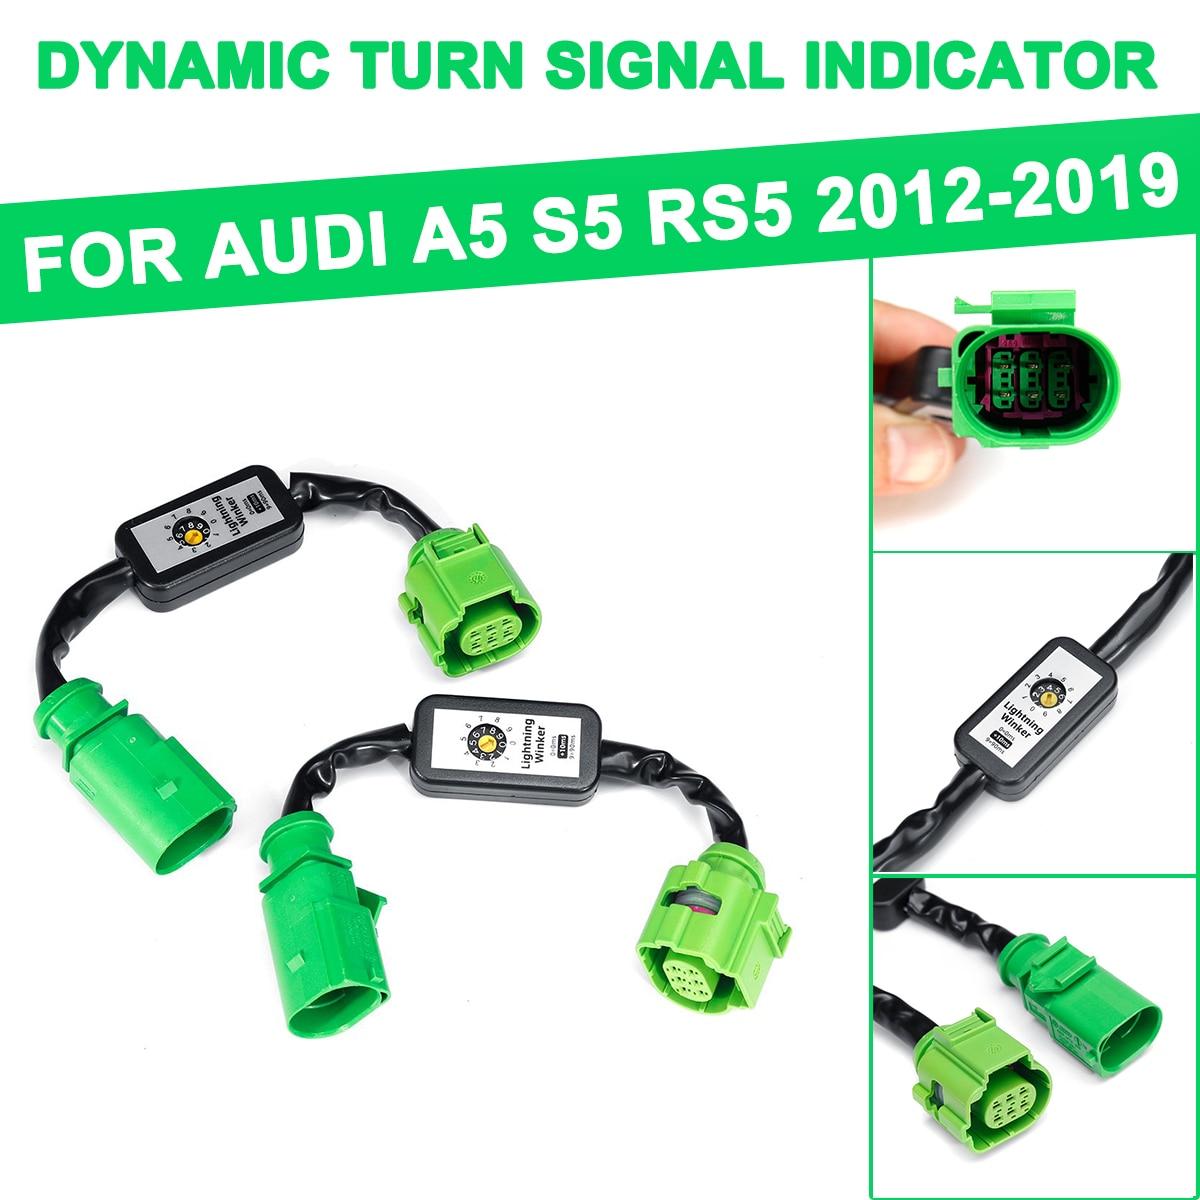 Для Audi A5 S5 RS5 2012-2019 2 шт., светодиодный индикатор поворота, модуль, кабель, проводка, левый и правый задний фонарь